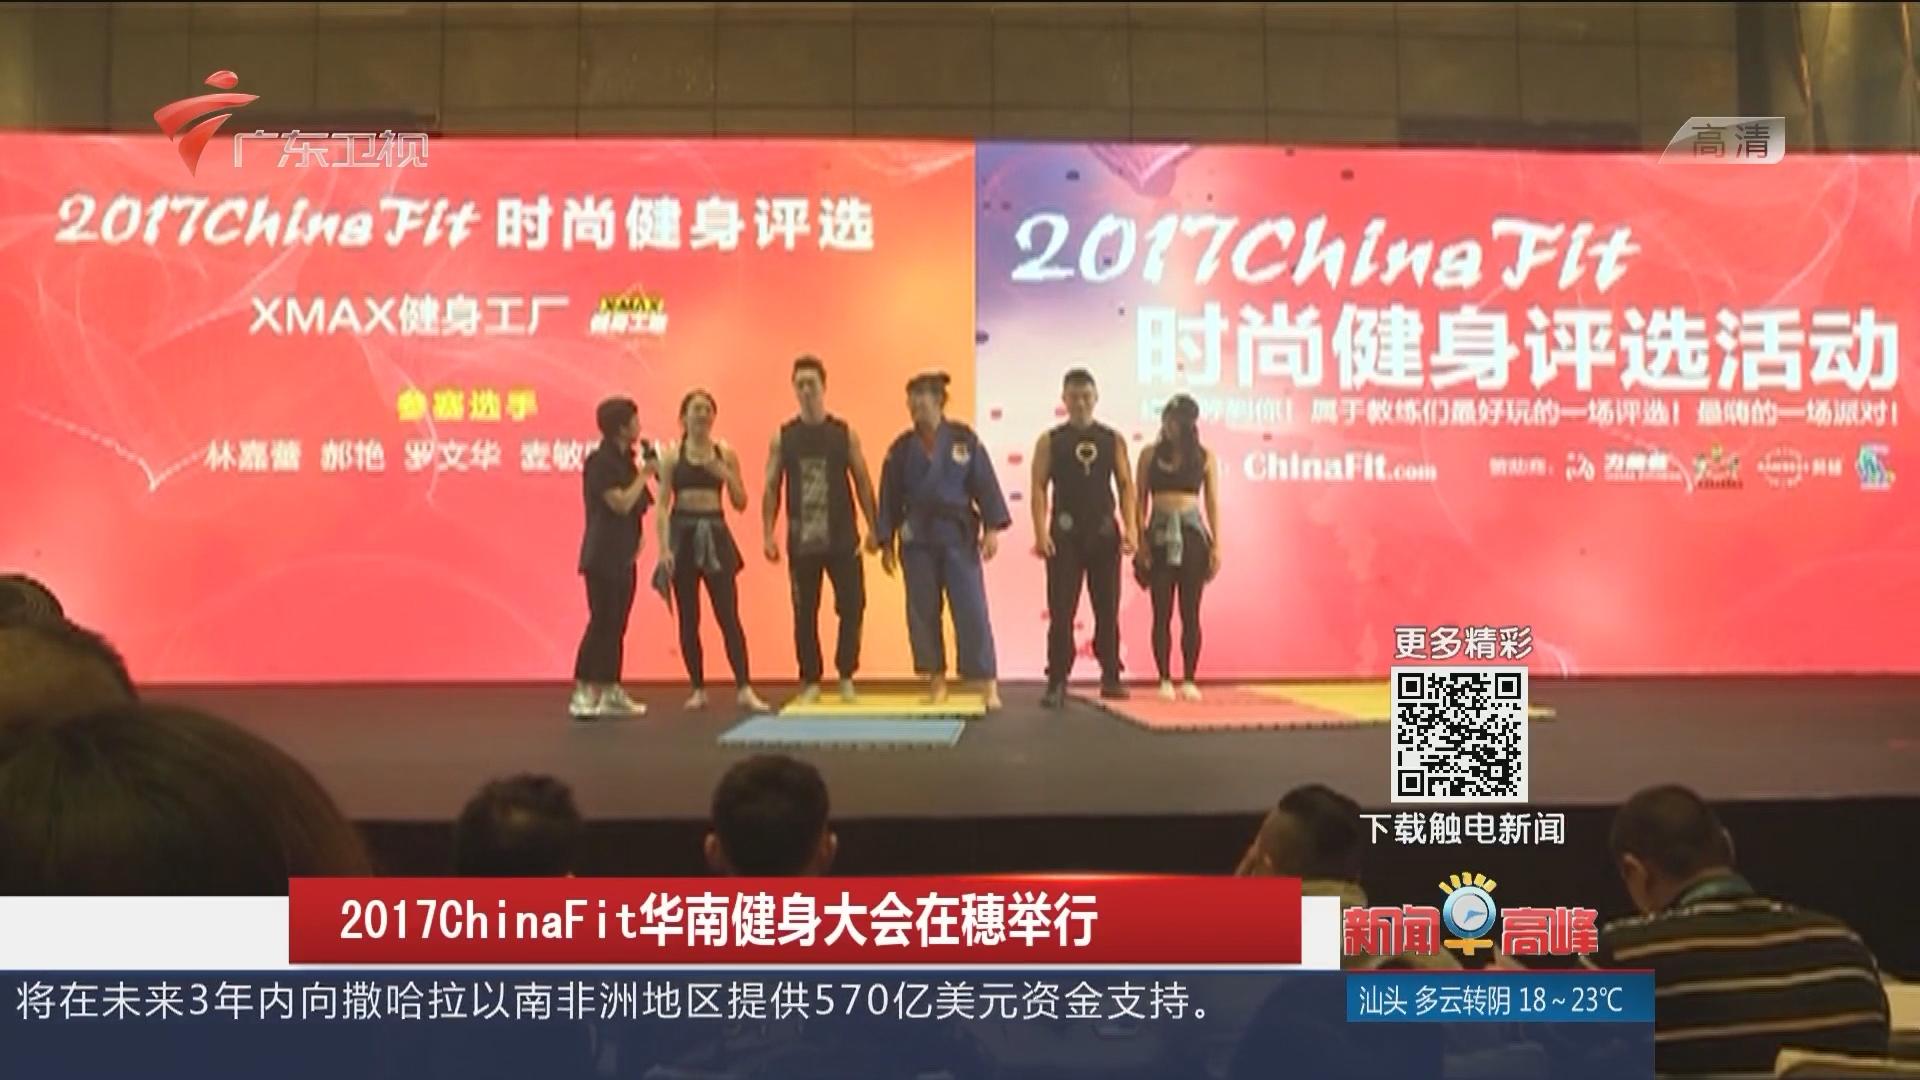 2017ChinaFit华南健身大会在穗举行